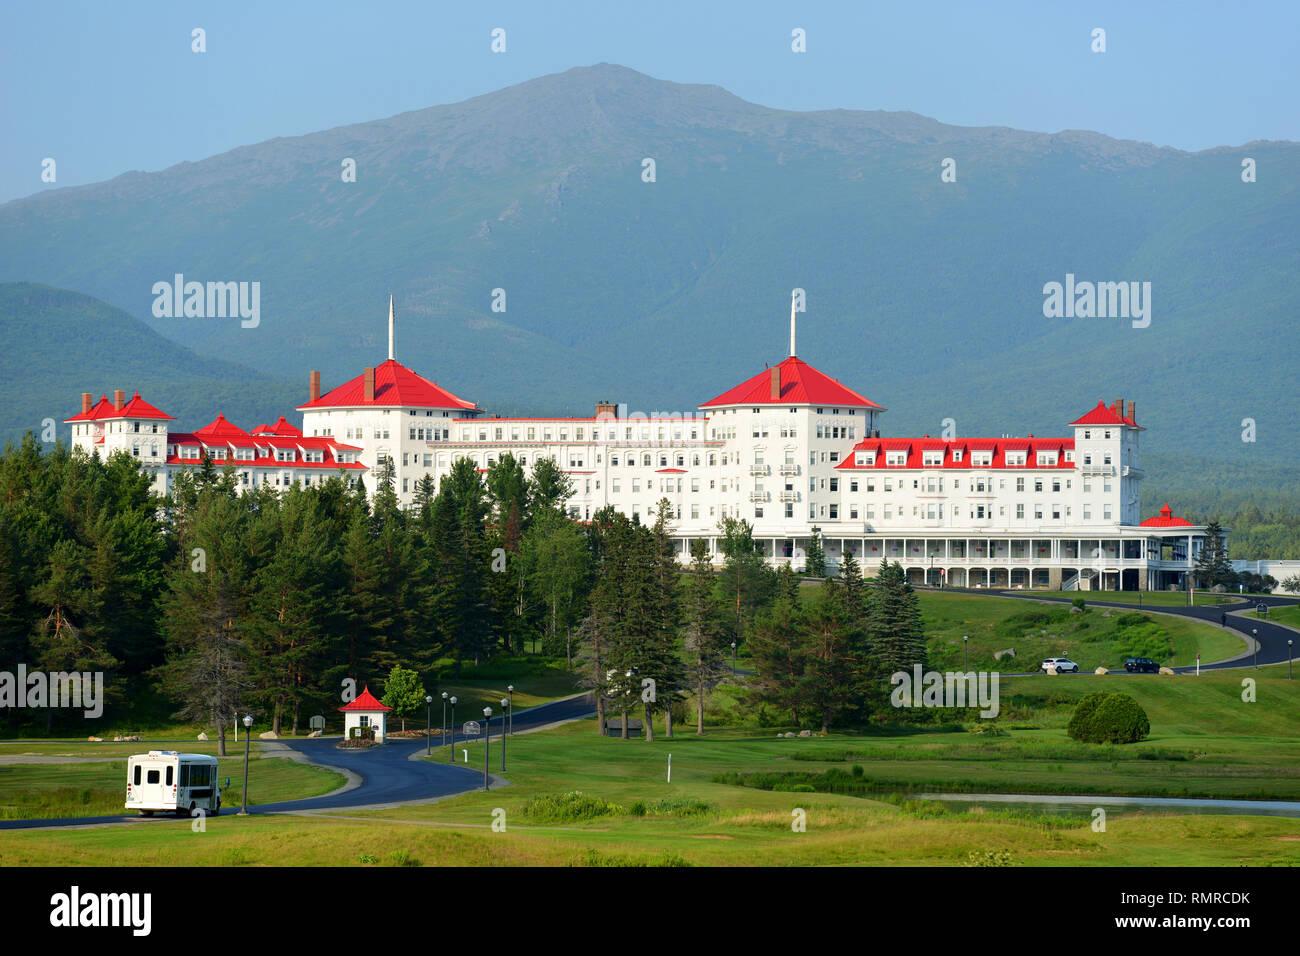 Washington Casino Resorts